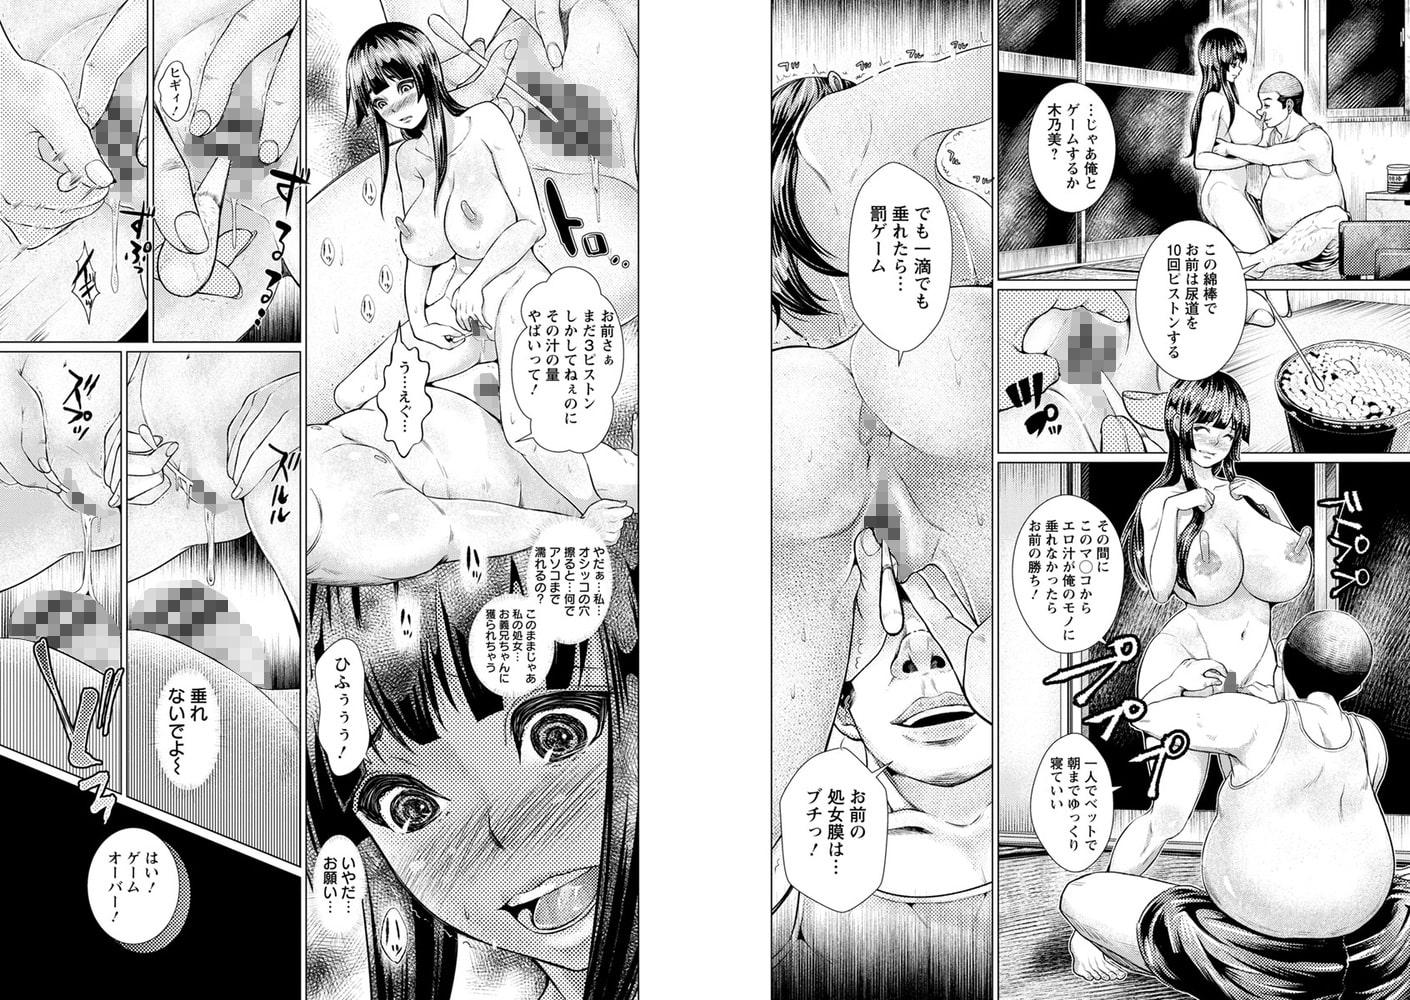 マゾ穴折檻 躾けられた女たちのサンプル画像8